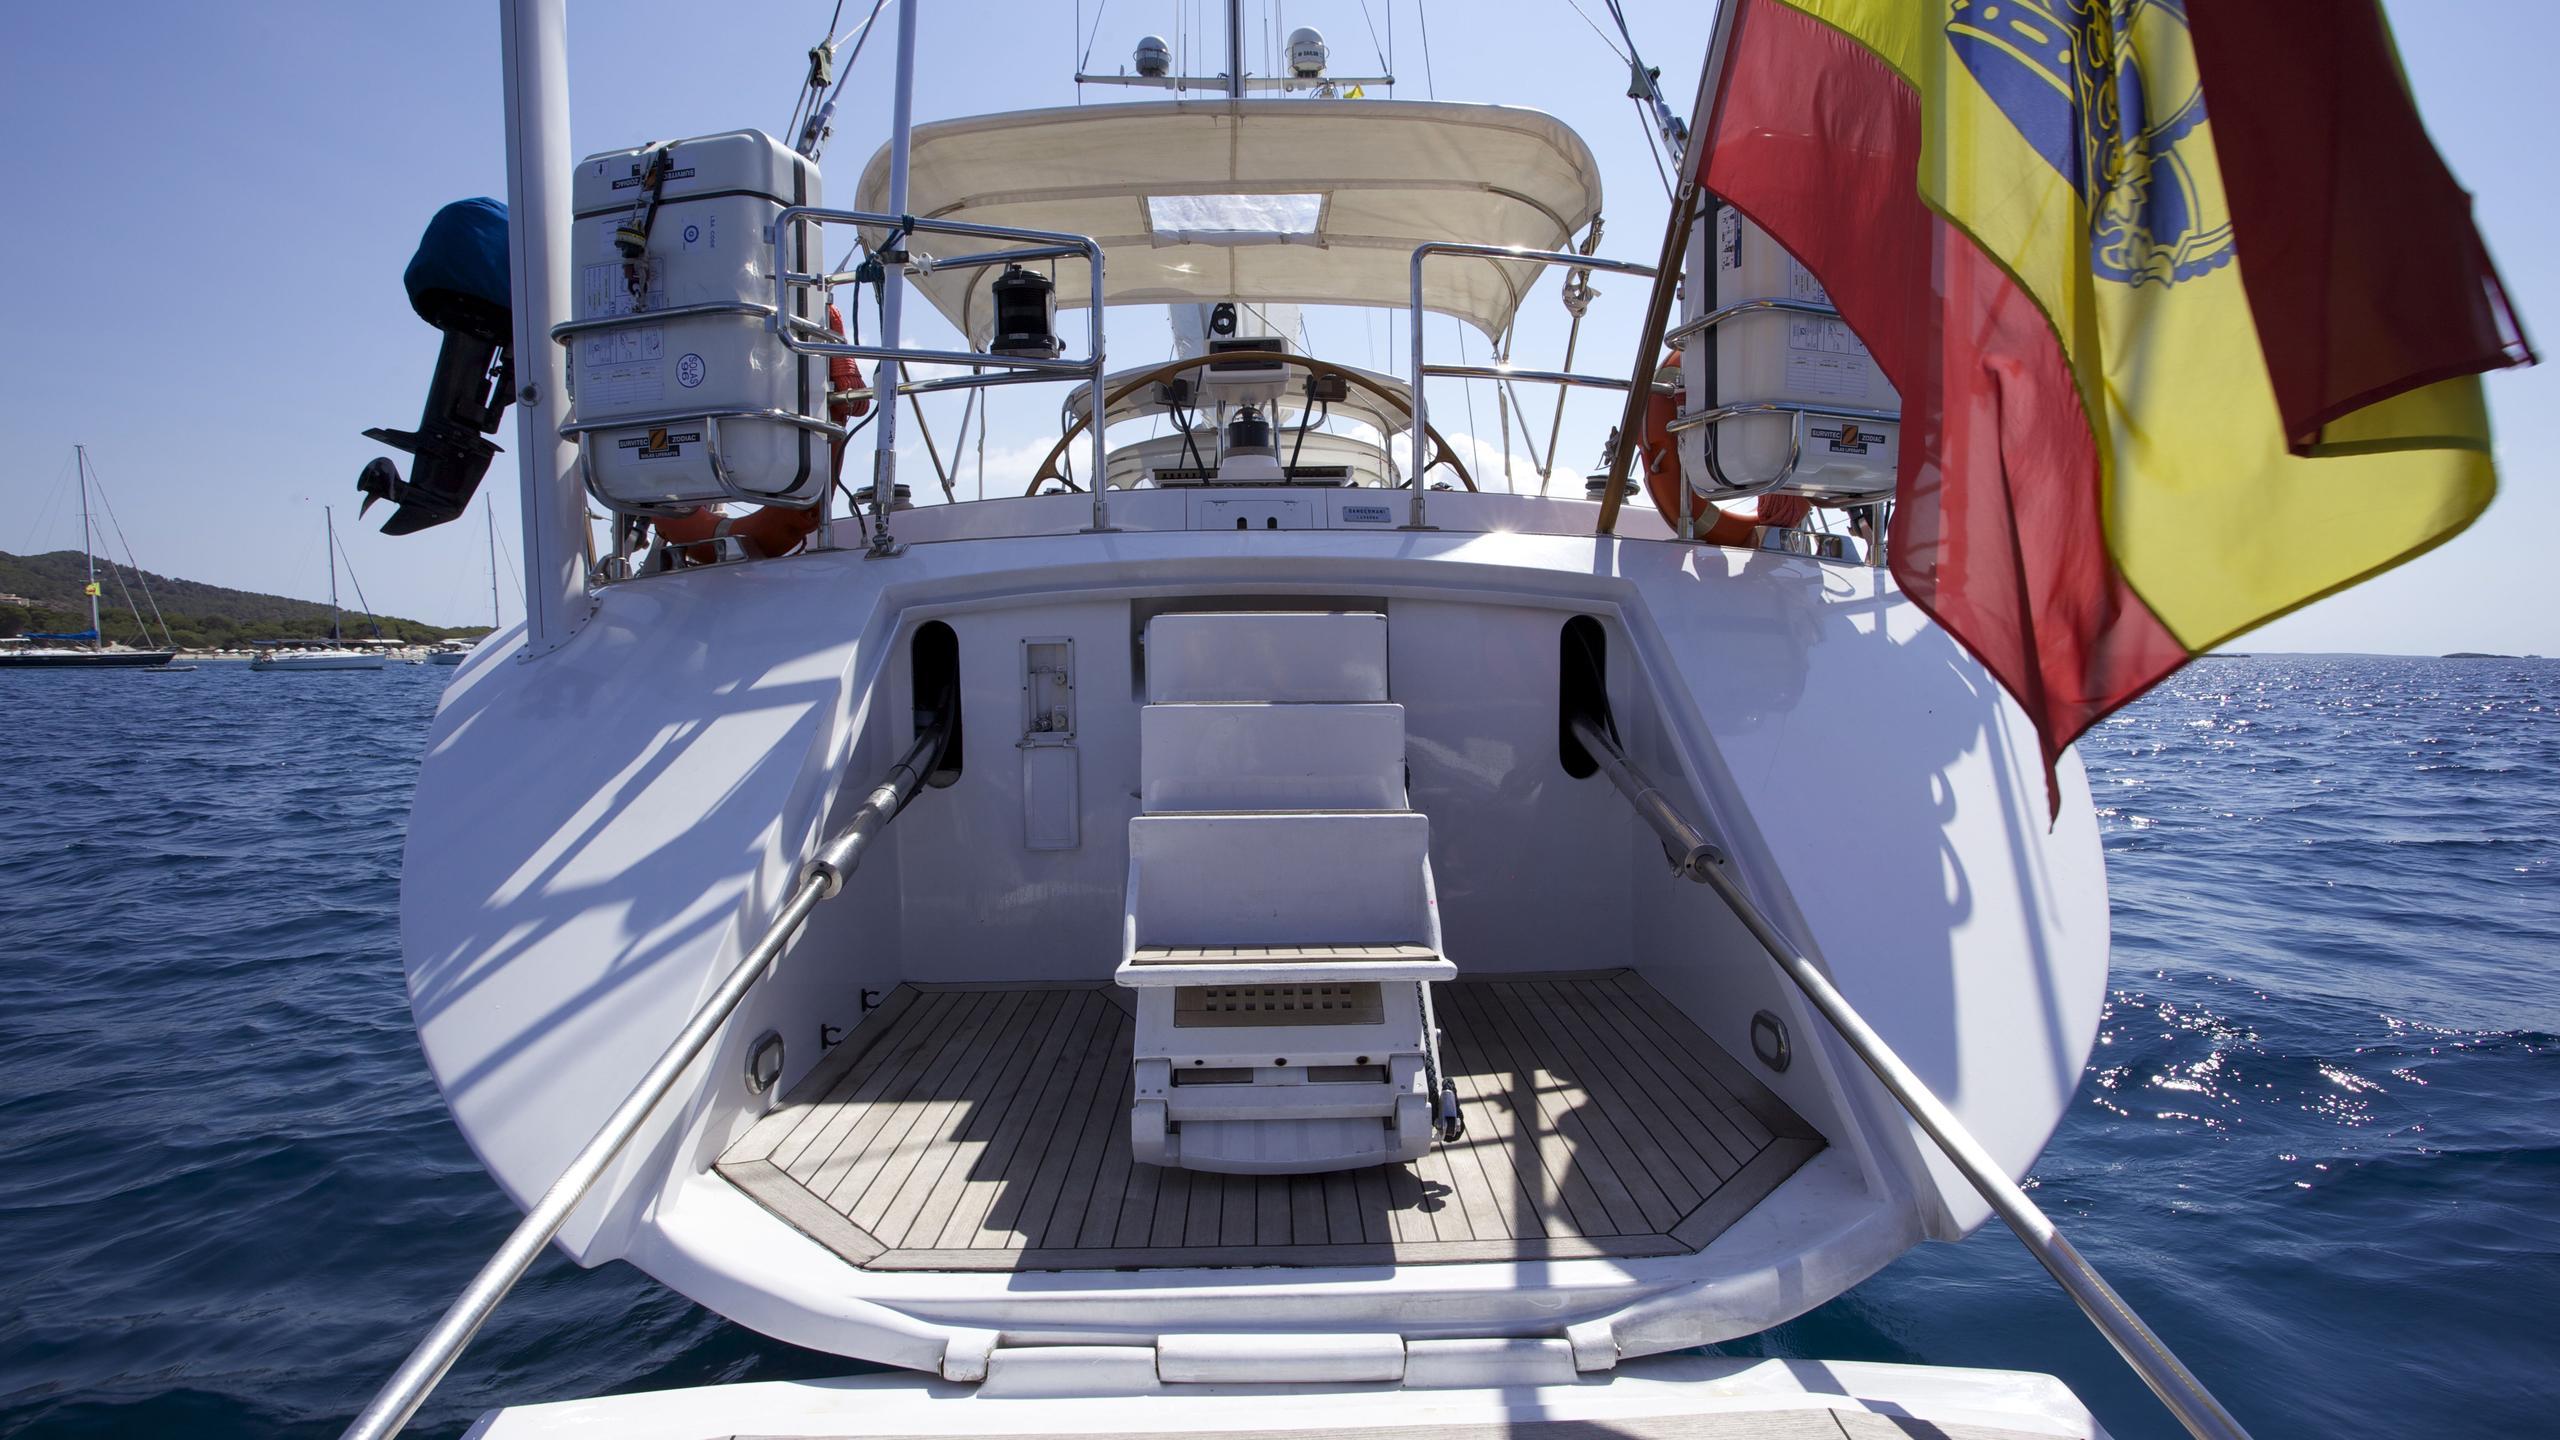 el-baile-yacht-ocean-platform